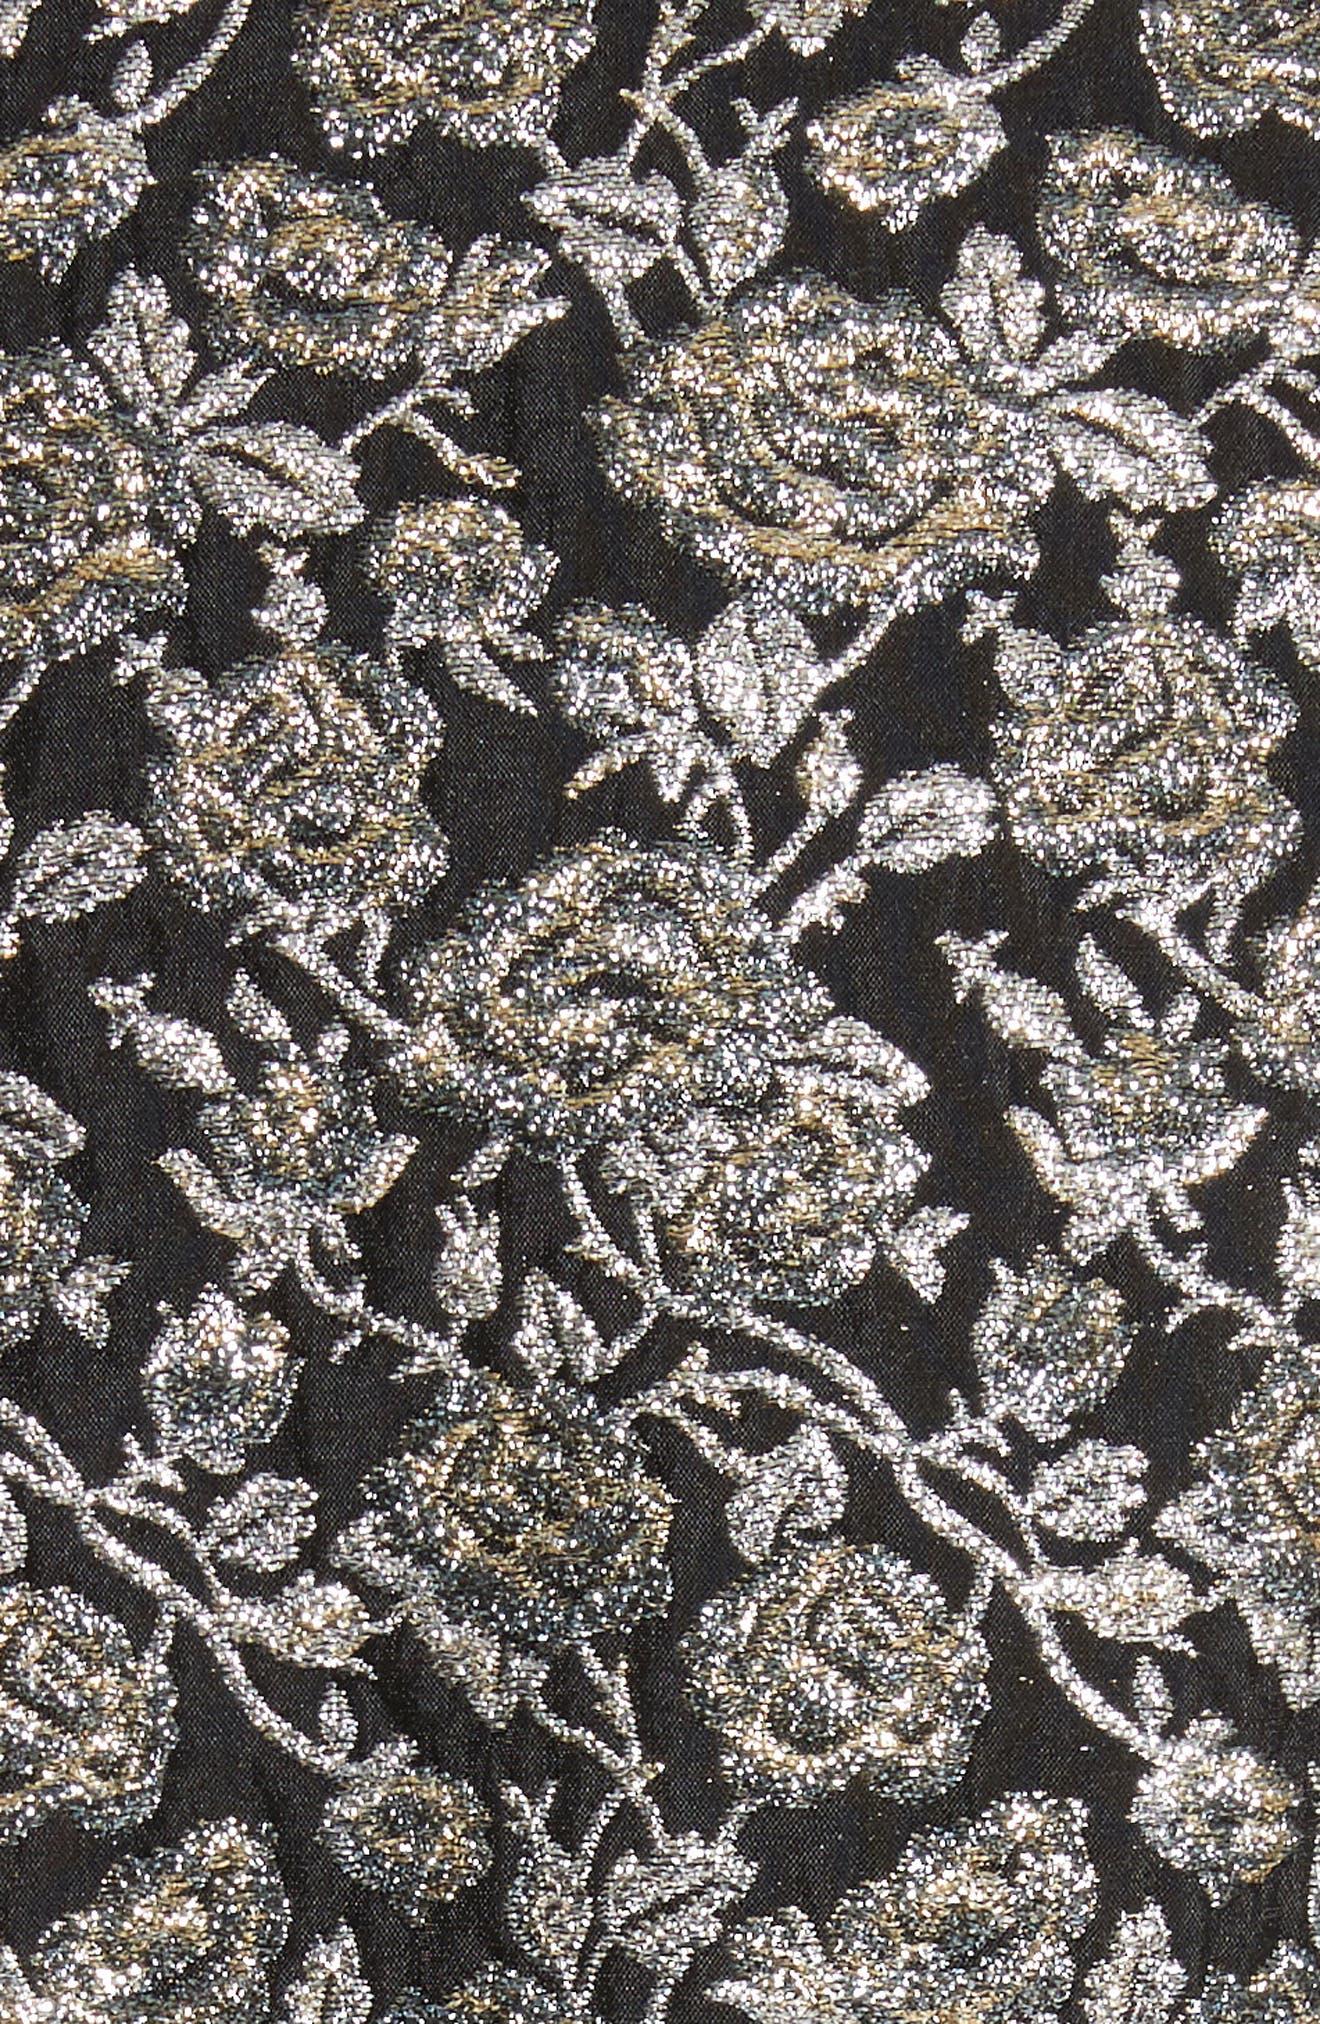 Metallic Jacquard Sheath Dress,                             Alternate thumbnail 5, color,                             Gold Multi